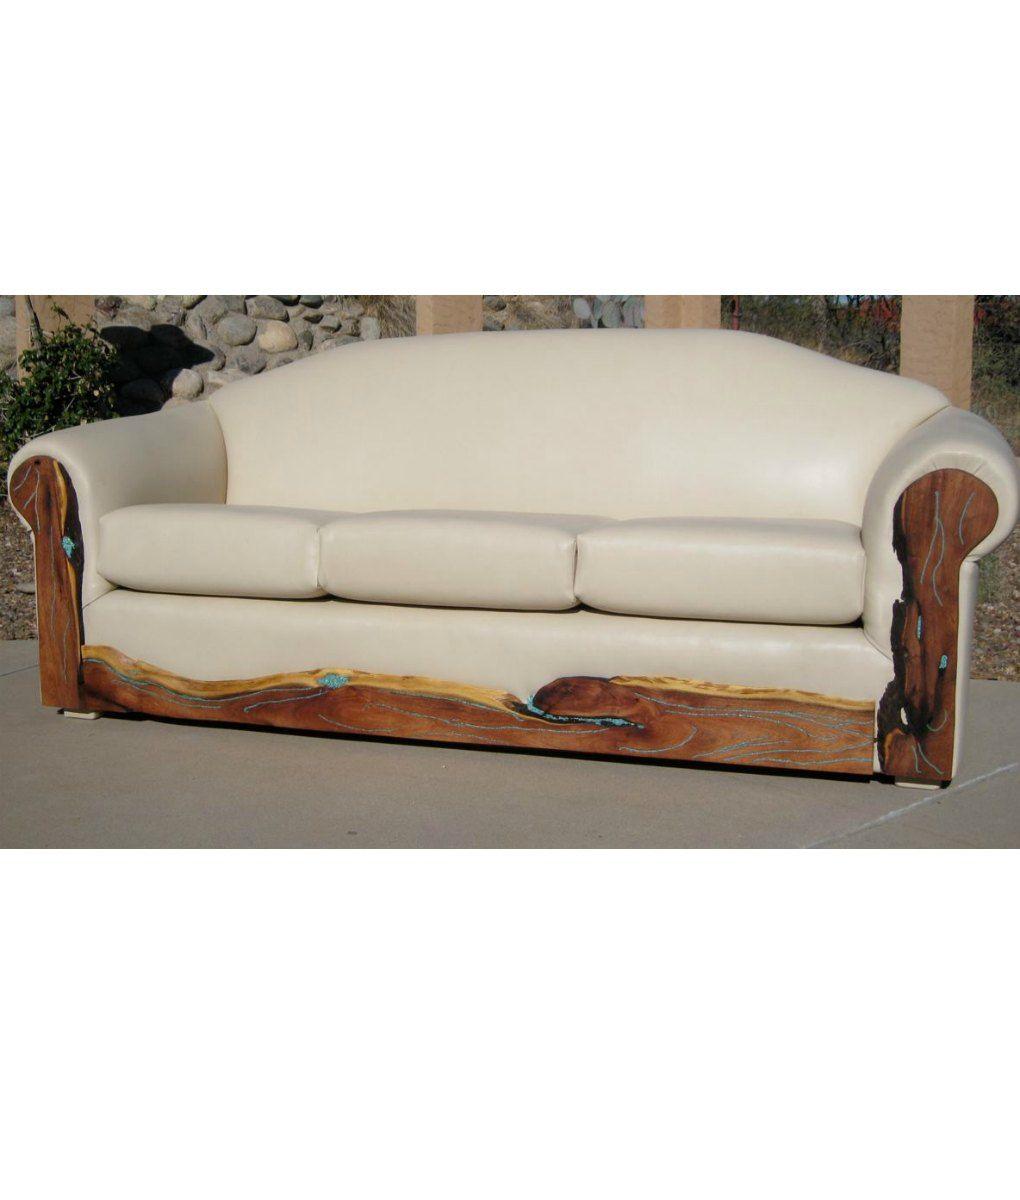 Turquoise Inlay Western Leather Sofa Pendleton Wool  ~ Southwestern Leather Sofa